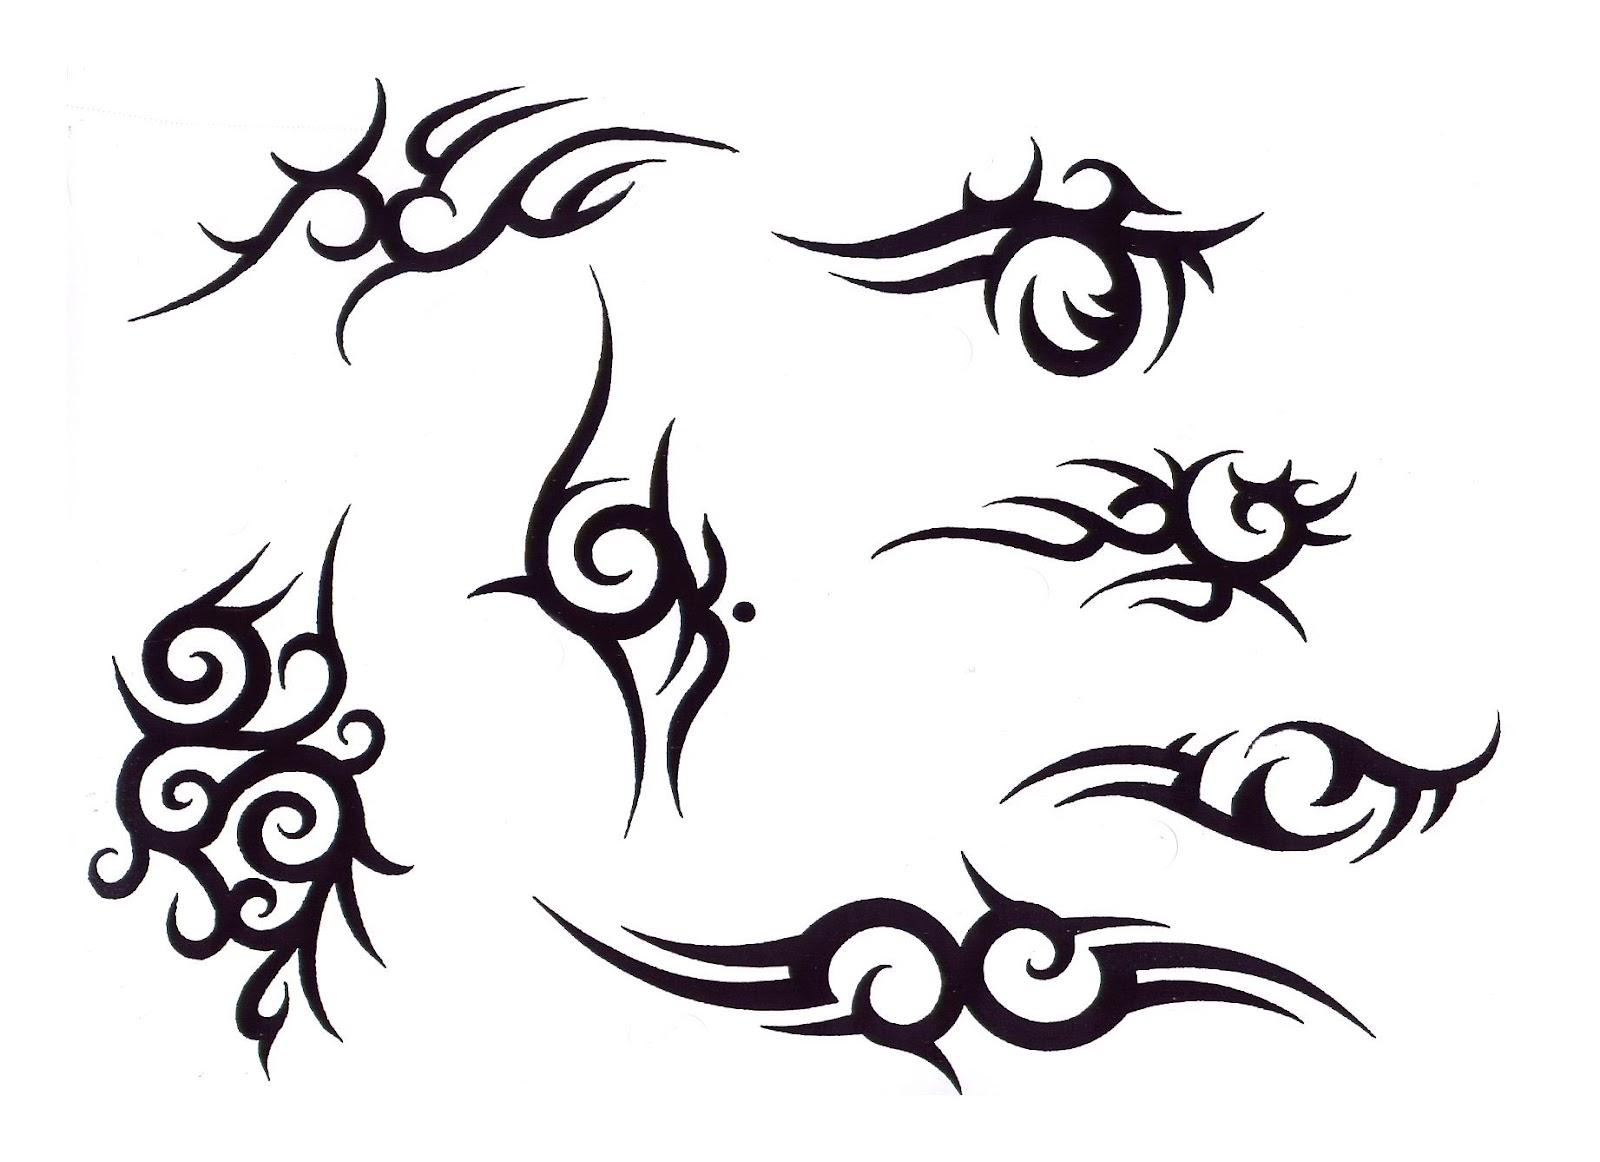 Татуировки для мужчин на руке фото узоры поэтапно